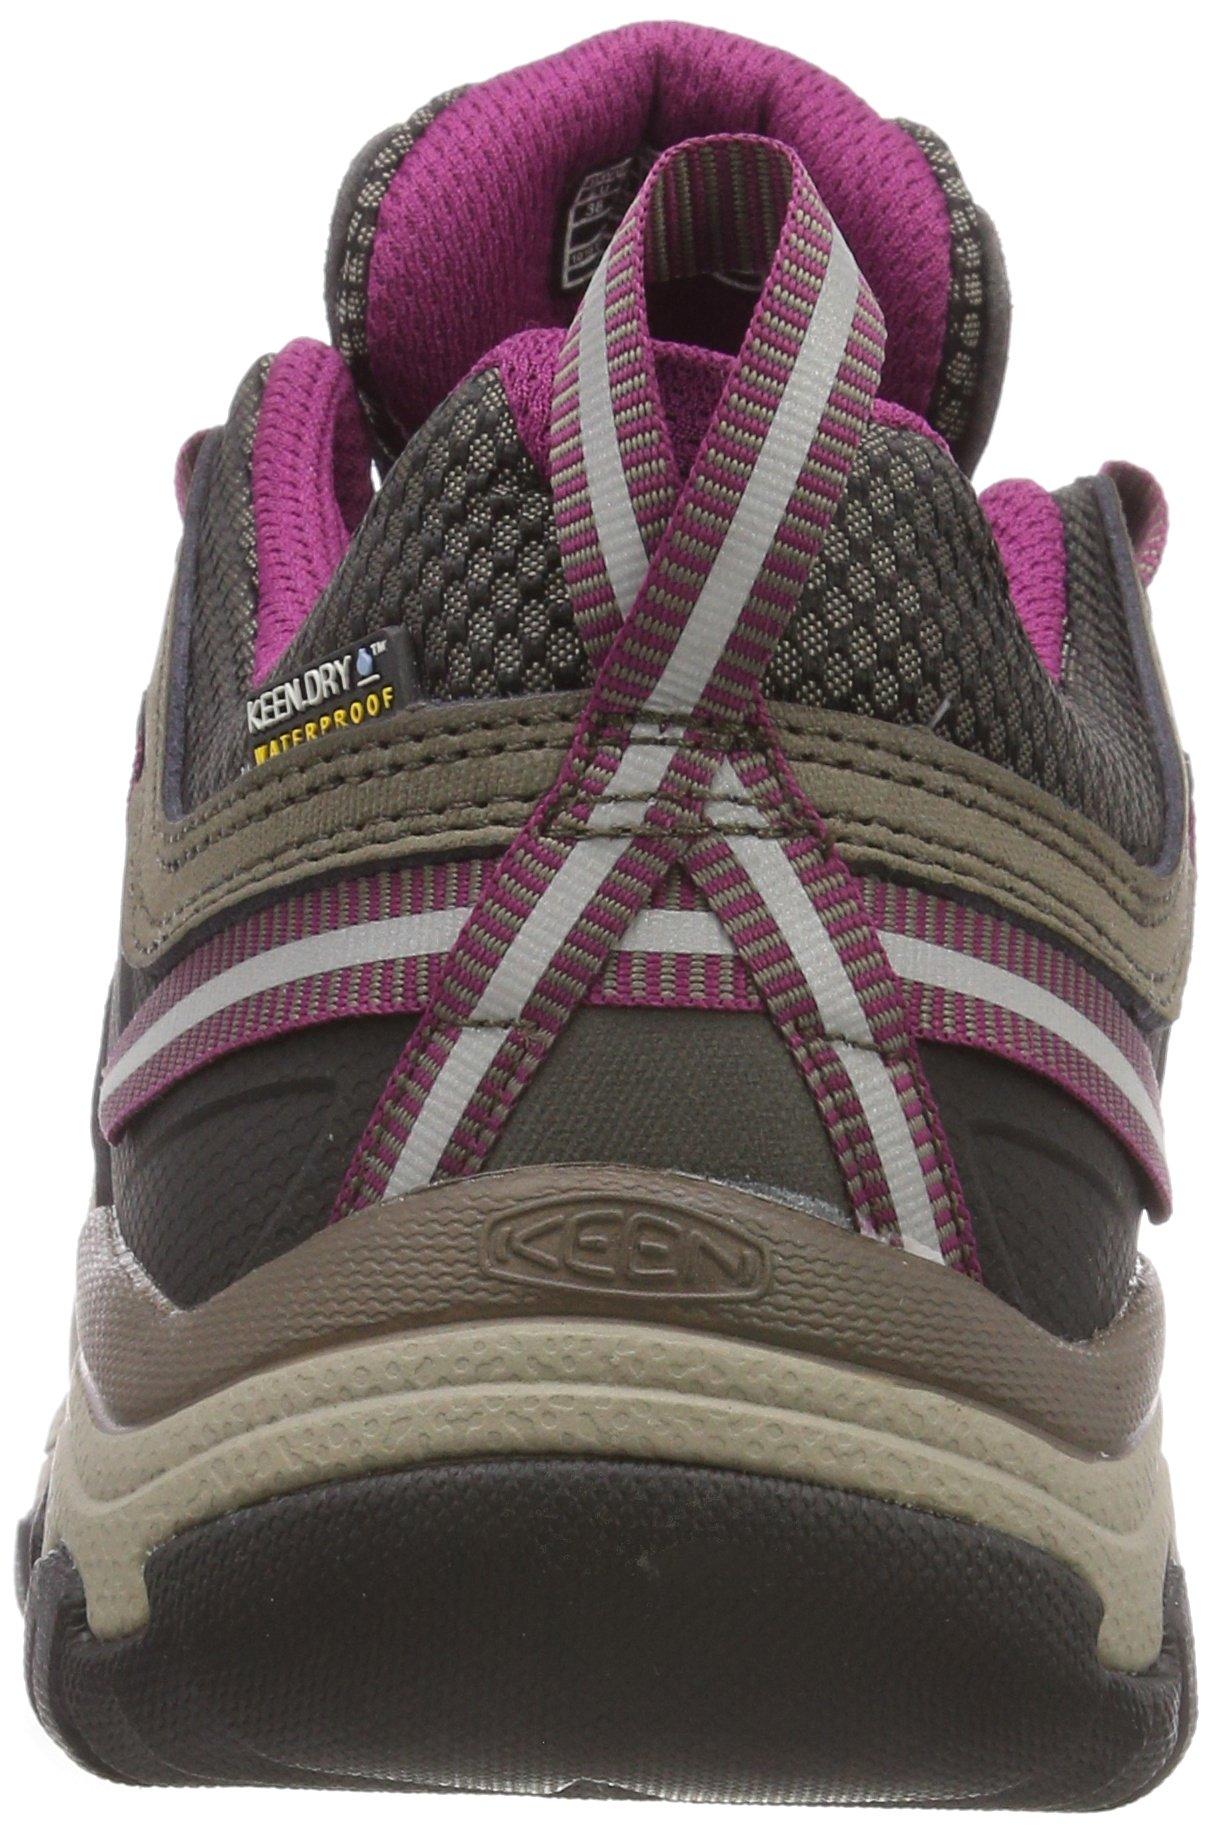 81HKqLc7pHL - KEEN Women's Targhee Iii Wp Low Rise Hiking Shoes, 9